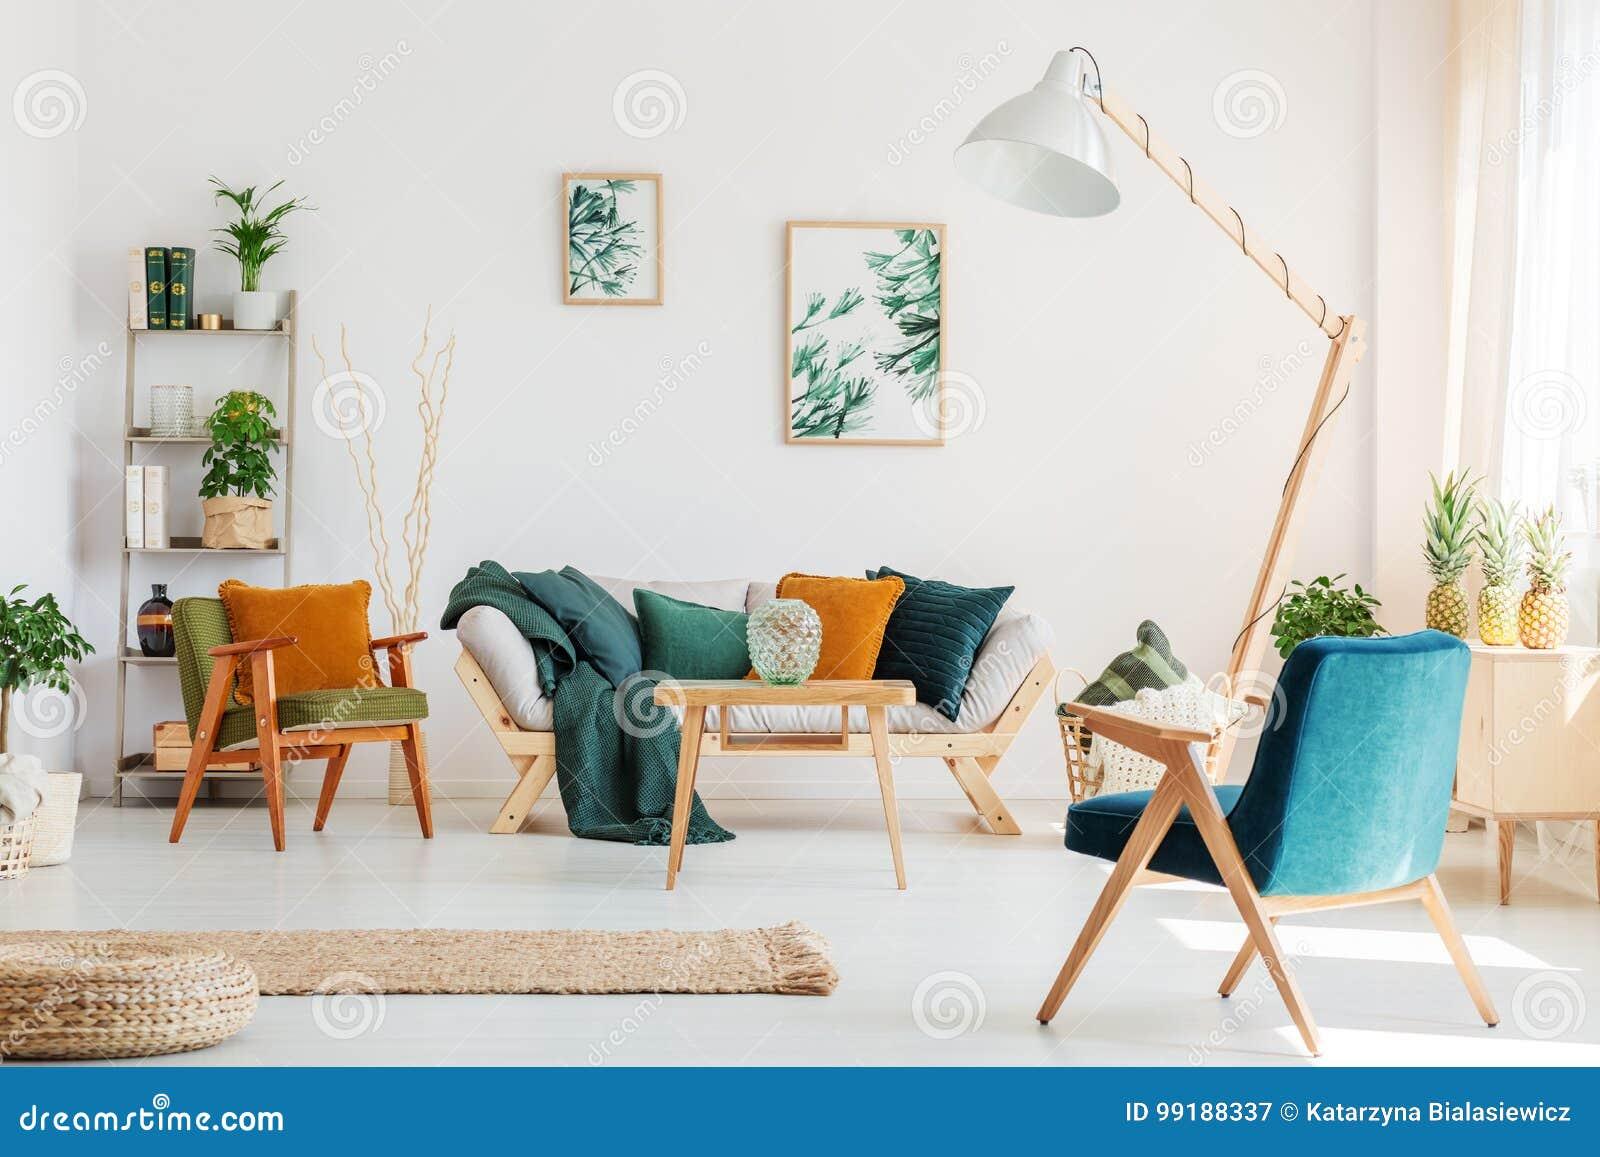 Woonkamer met blauwe stoel